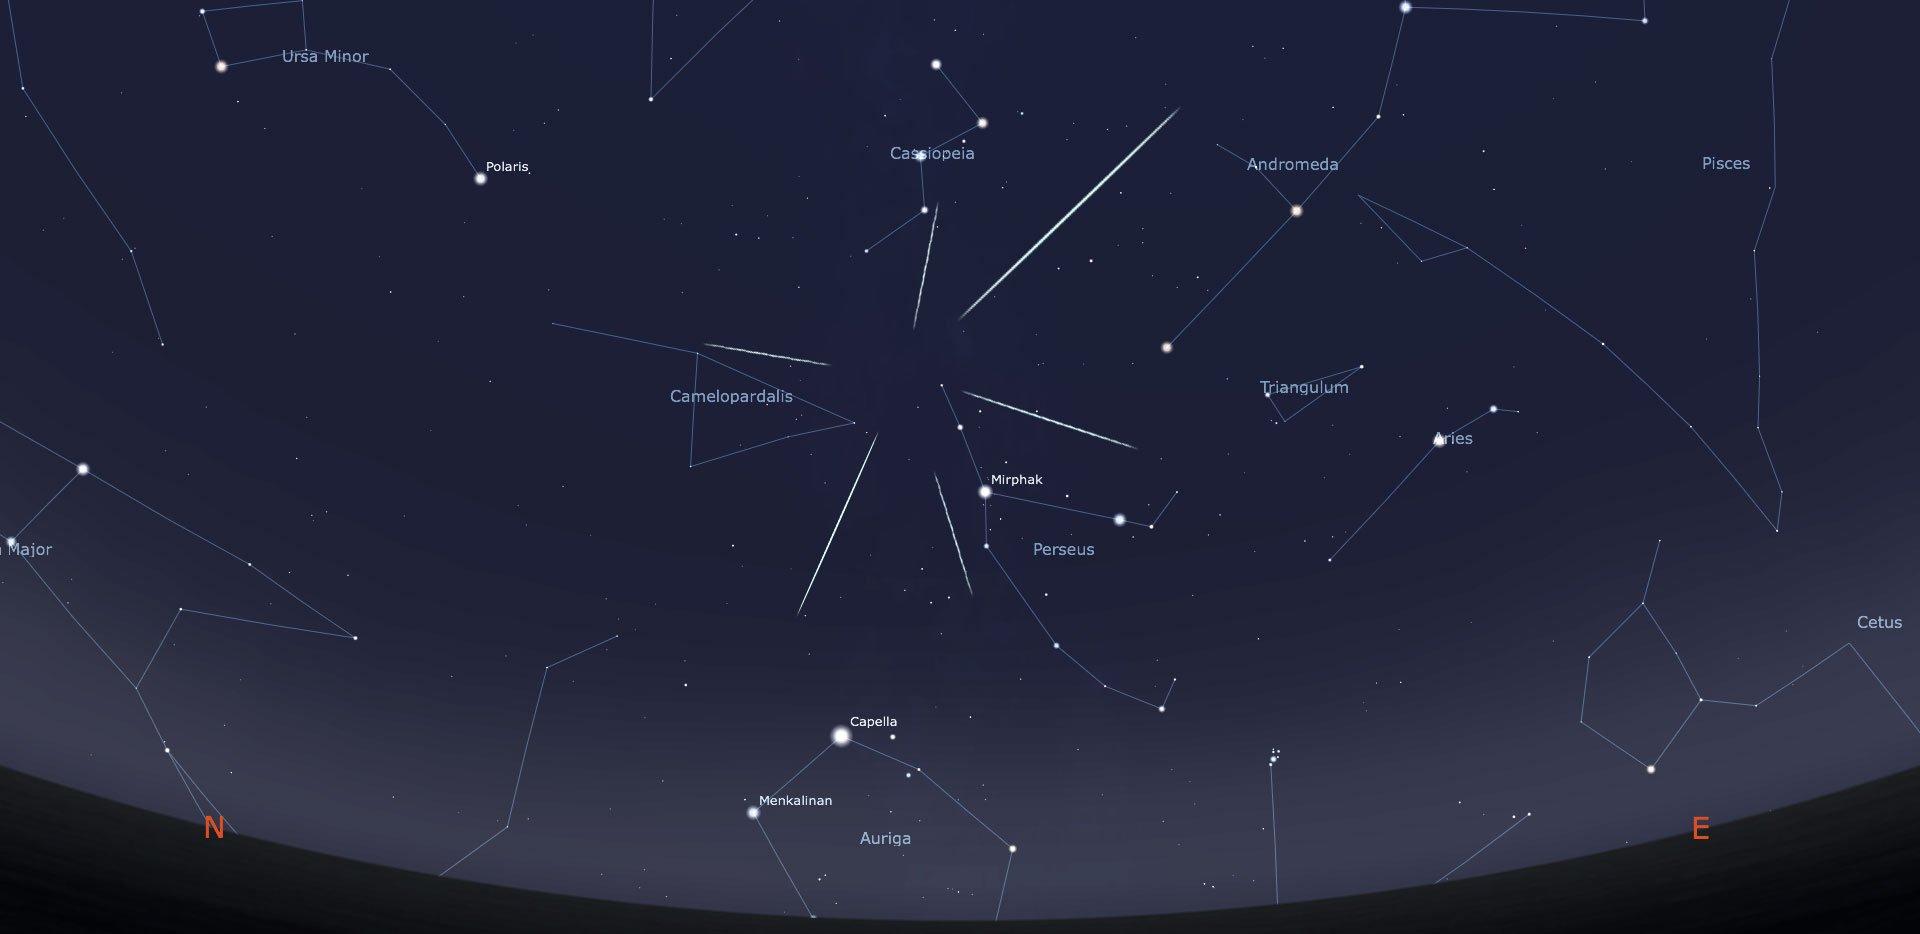 Il radiante delle meteore Perseidi, le stelle cadenti di Agosto